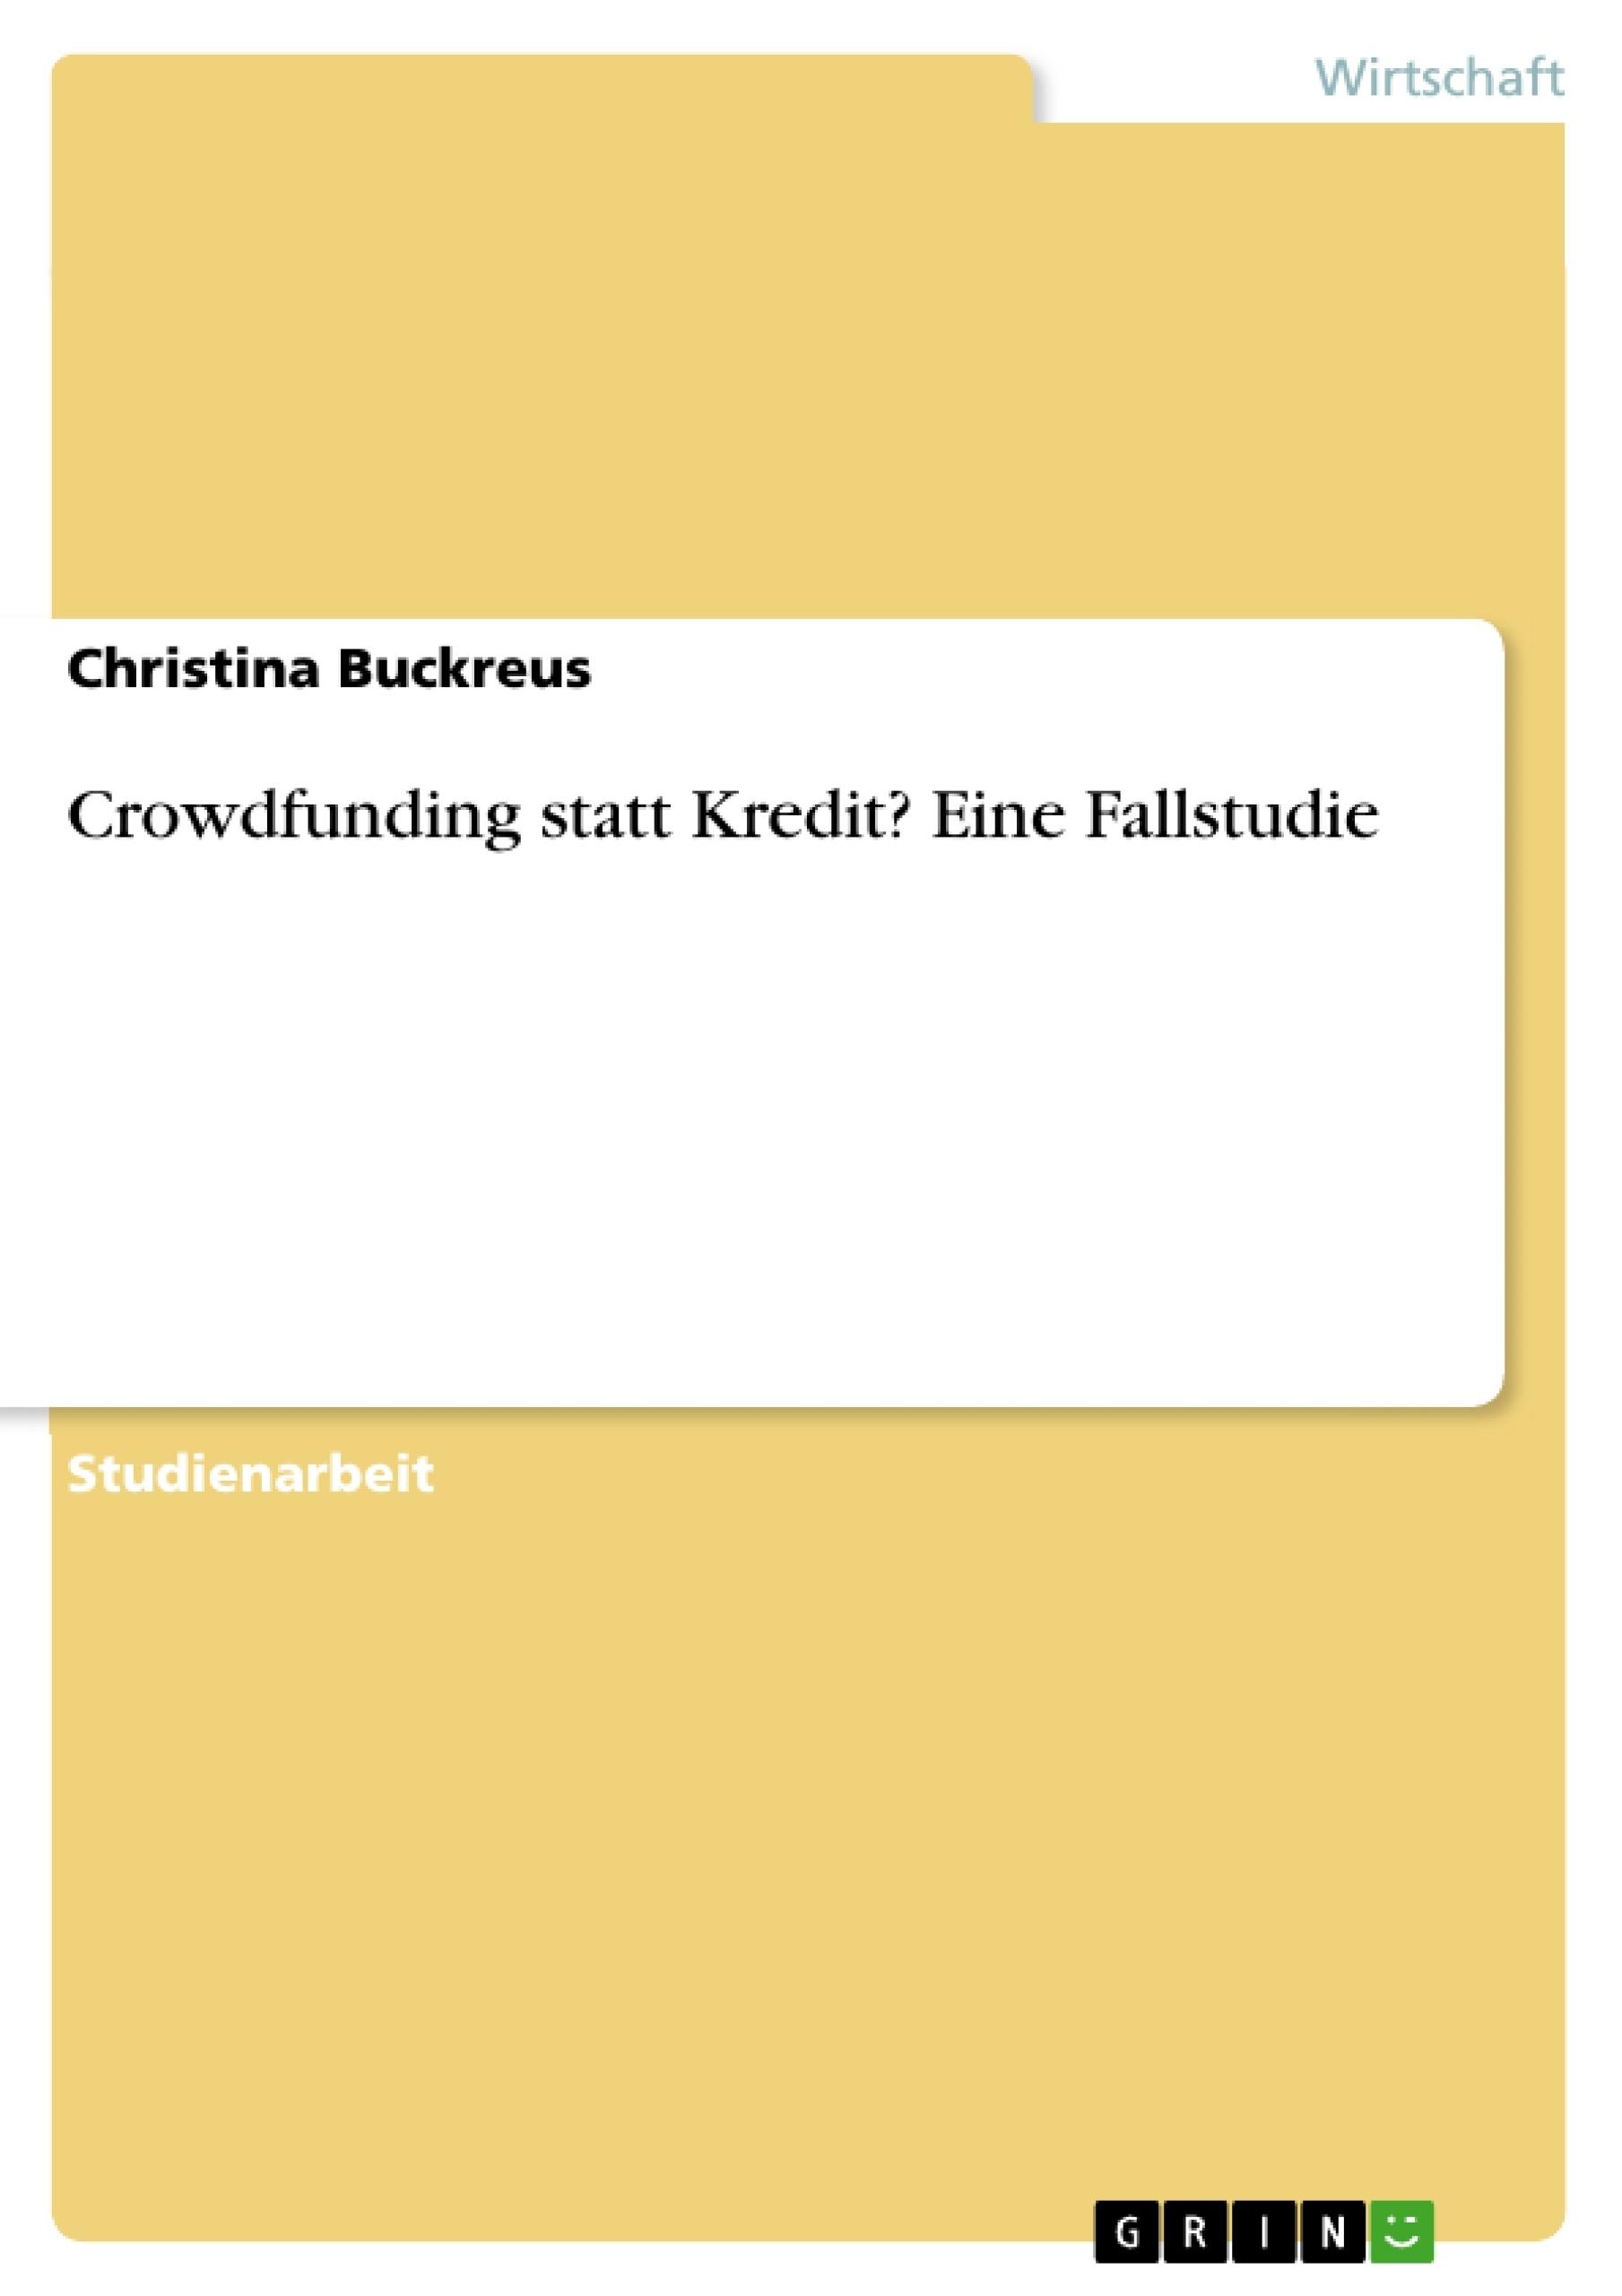 Titel: Crowdfunding statt Kredit? Eine Fallstudie